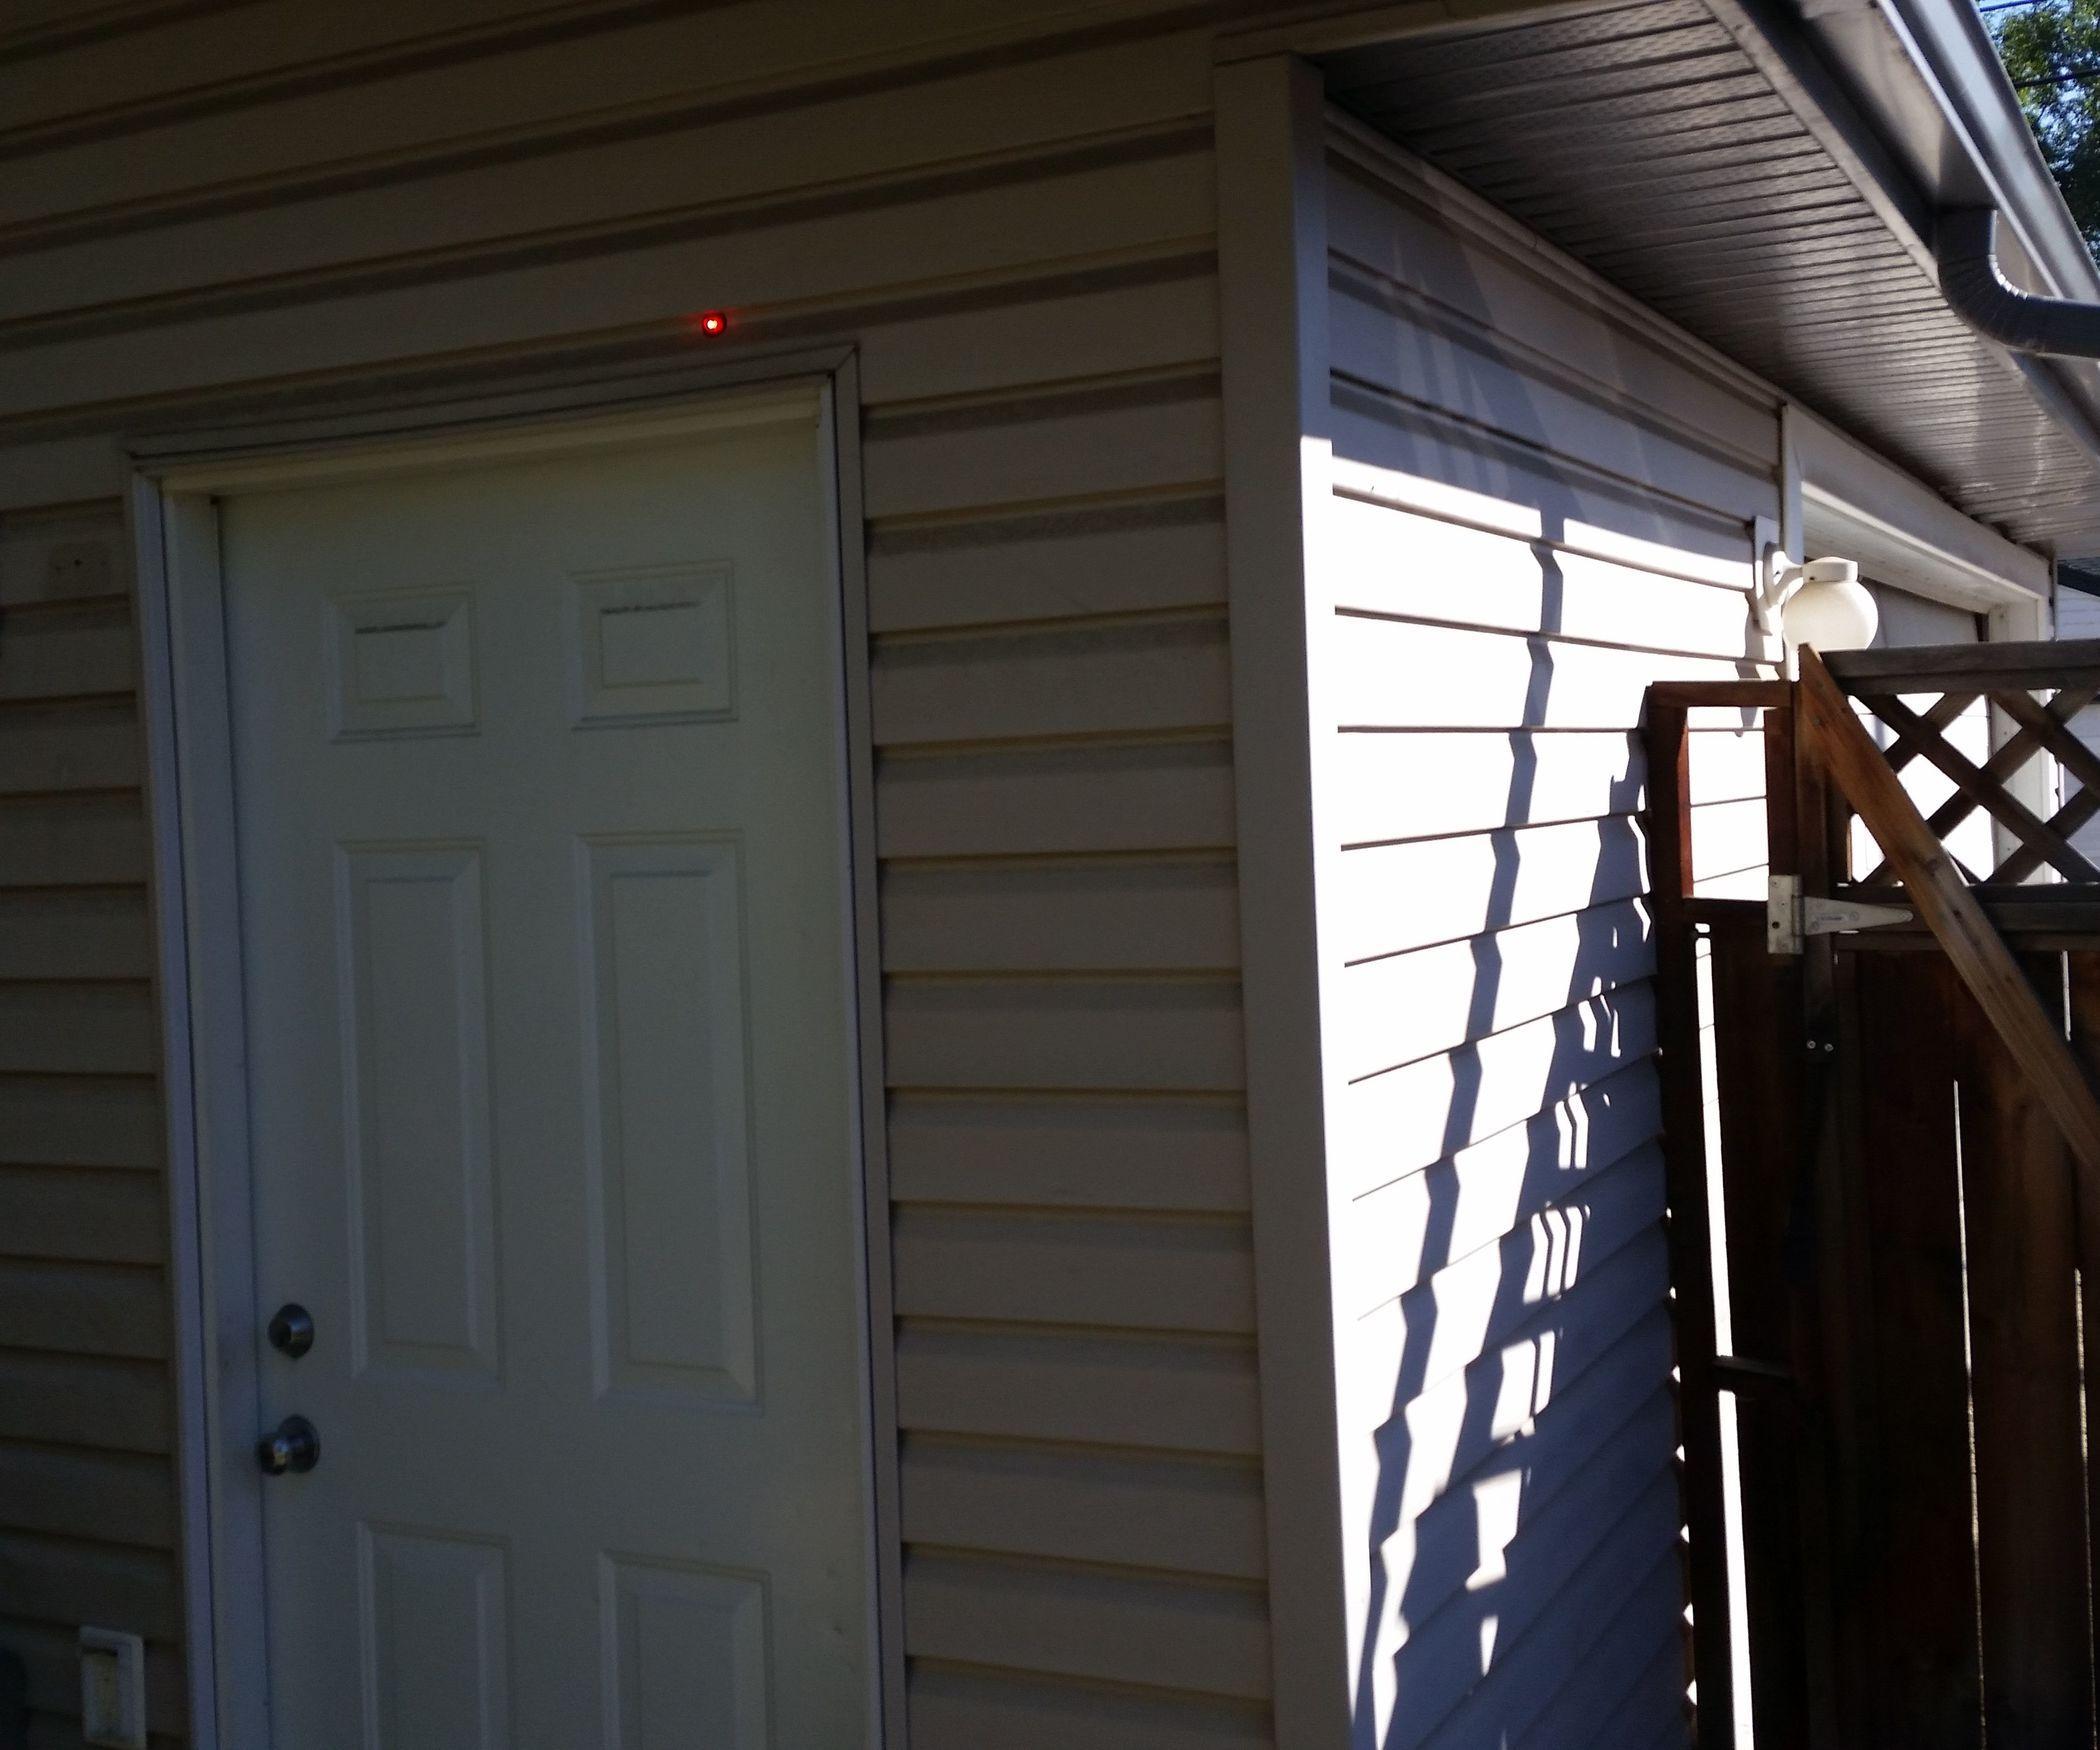 Garage Door Open Position Indicator Light Garage Stuff Pinterest